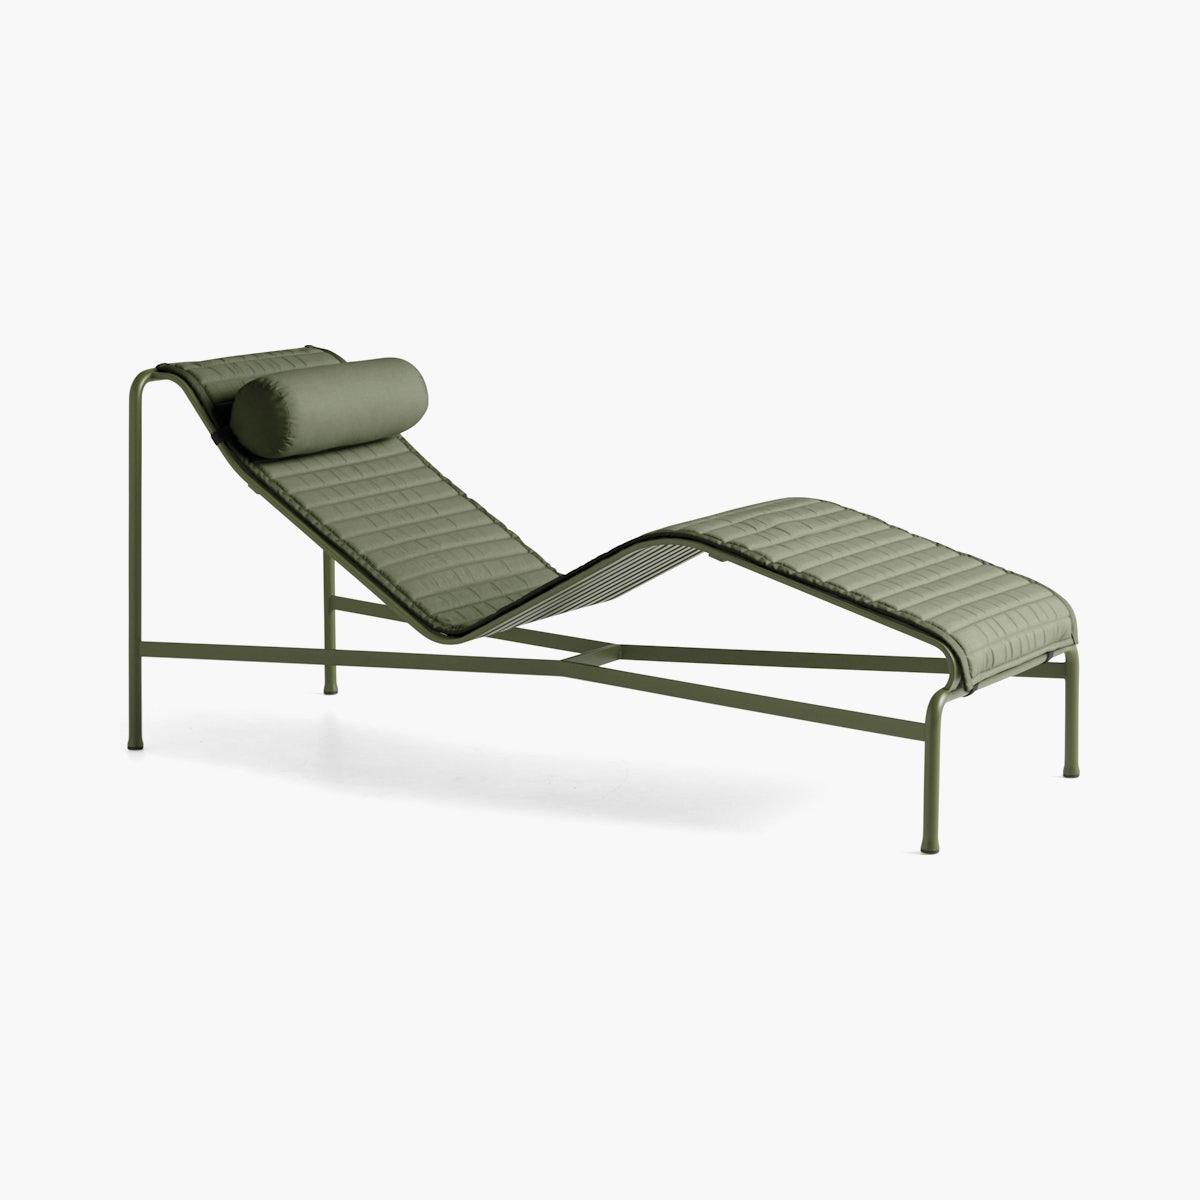 Palissade Chaise Lounge Chair Cushion